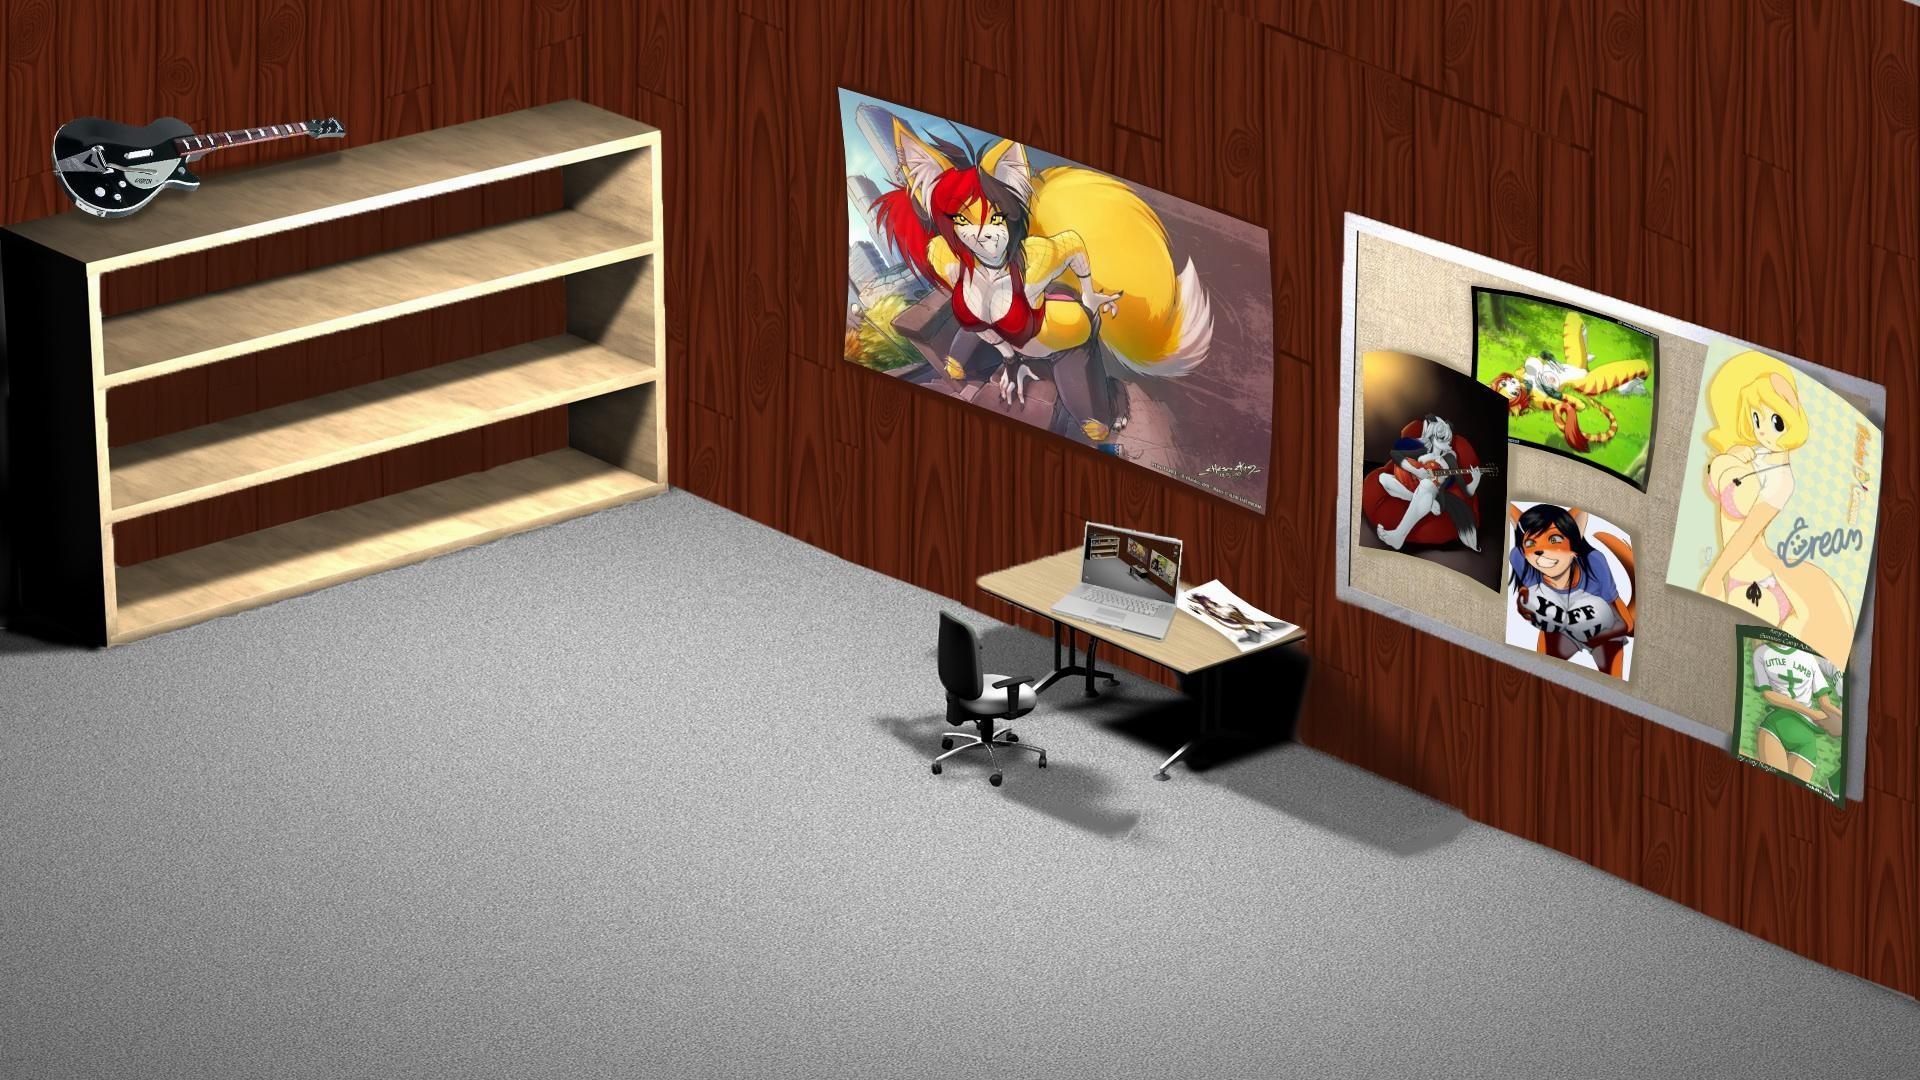 Office Desk Wallpaper 56 images